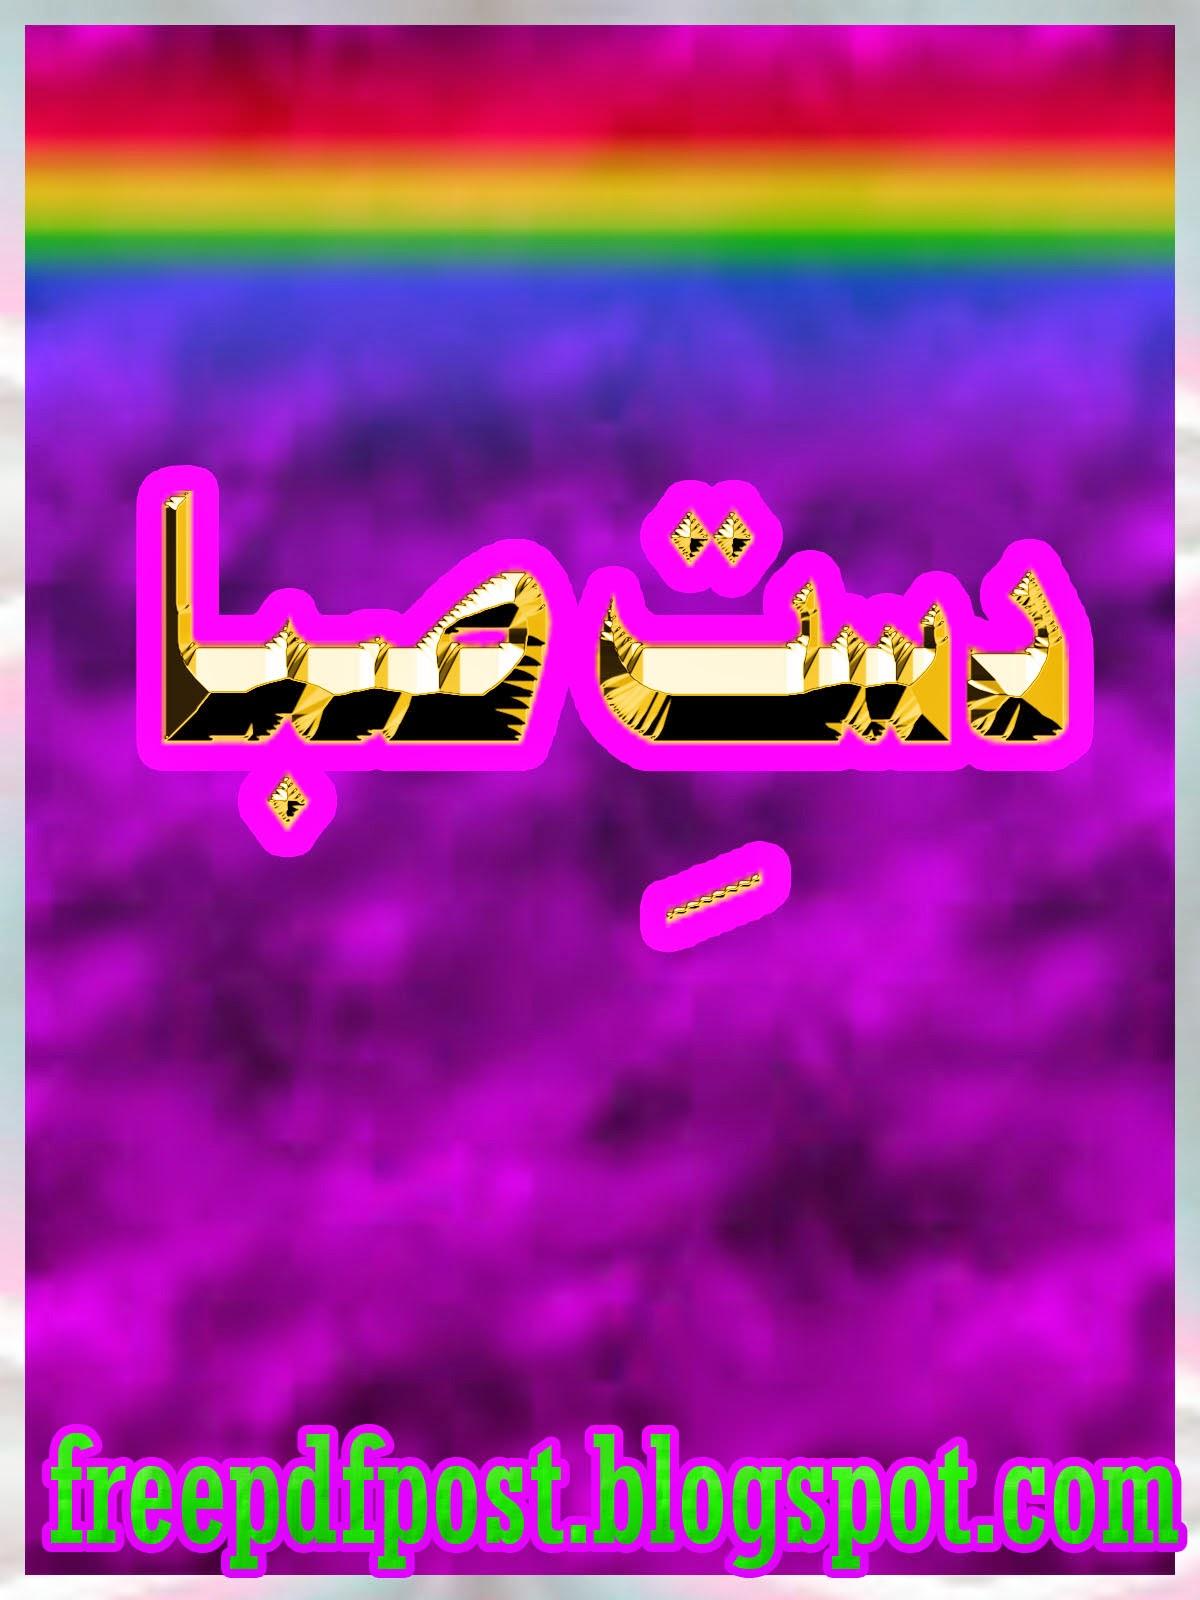 http://www.mediafire.com/view/jogcb25pe1z772a/Dasht-e-Saba_by_Faiz_Ahmed_Faiz.pdf